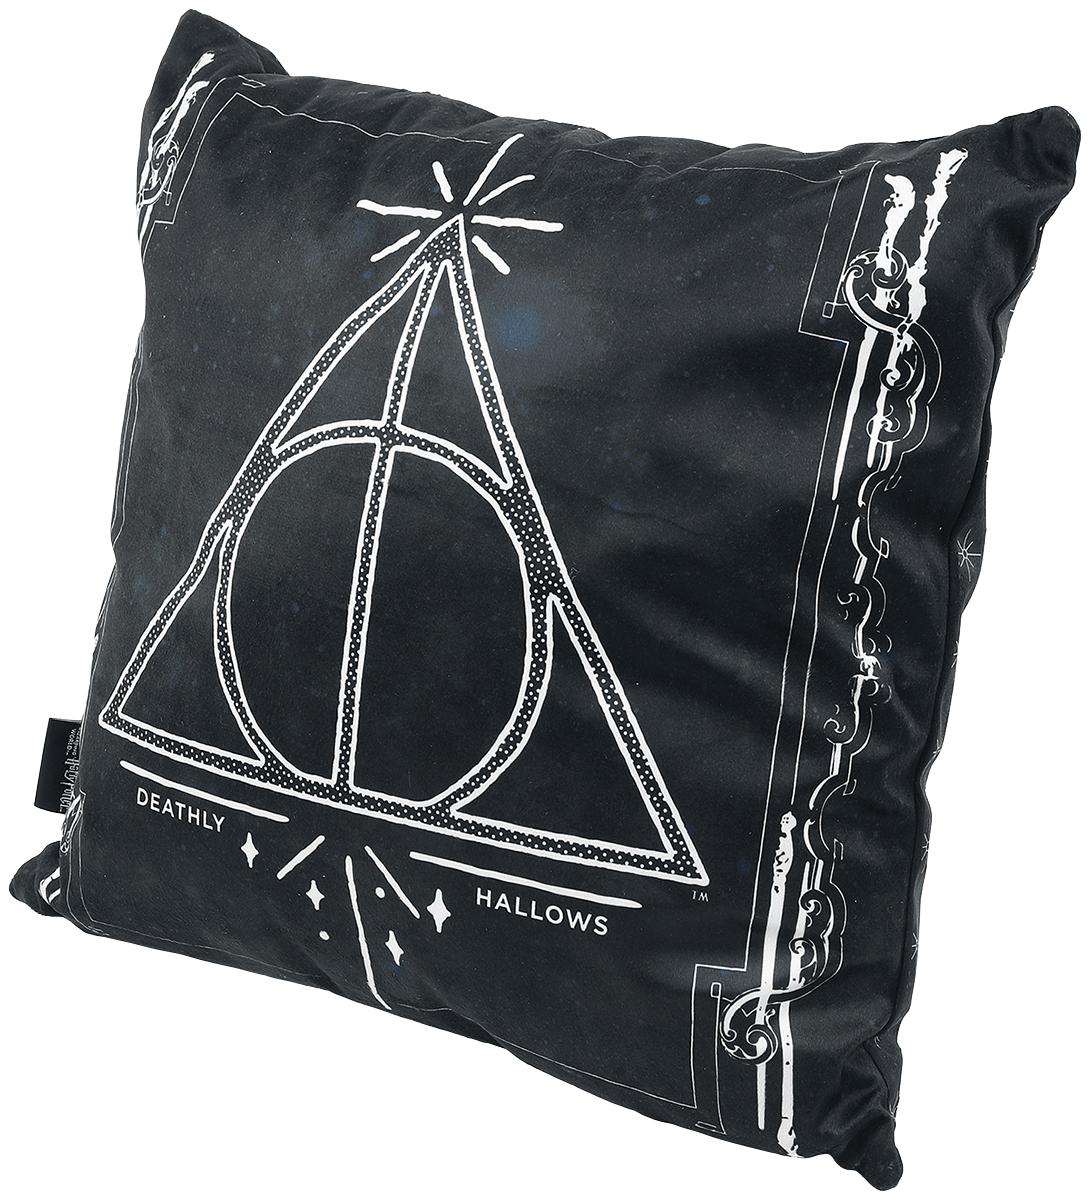 Harry Potter - Heiligtümer des Todes - Kissen - schwarz| weiß - EMP Exklusiv!